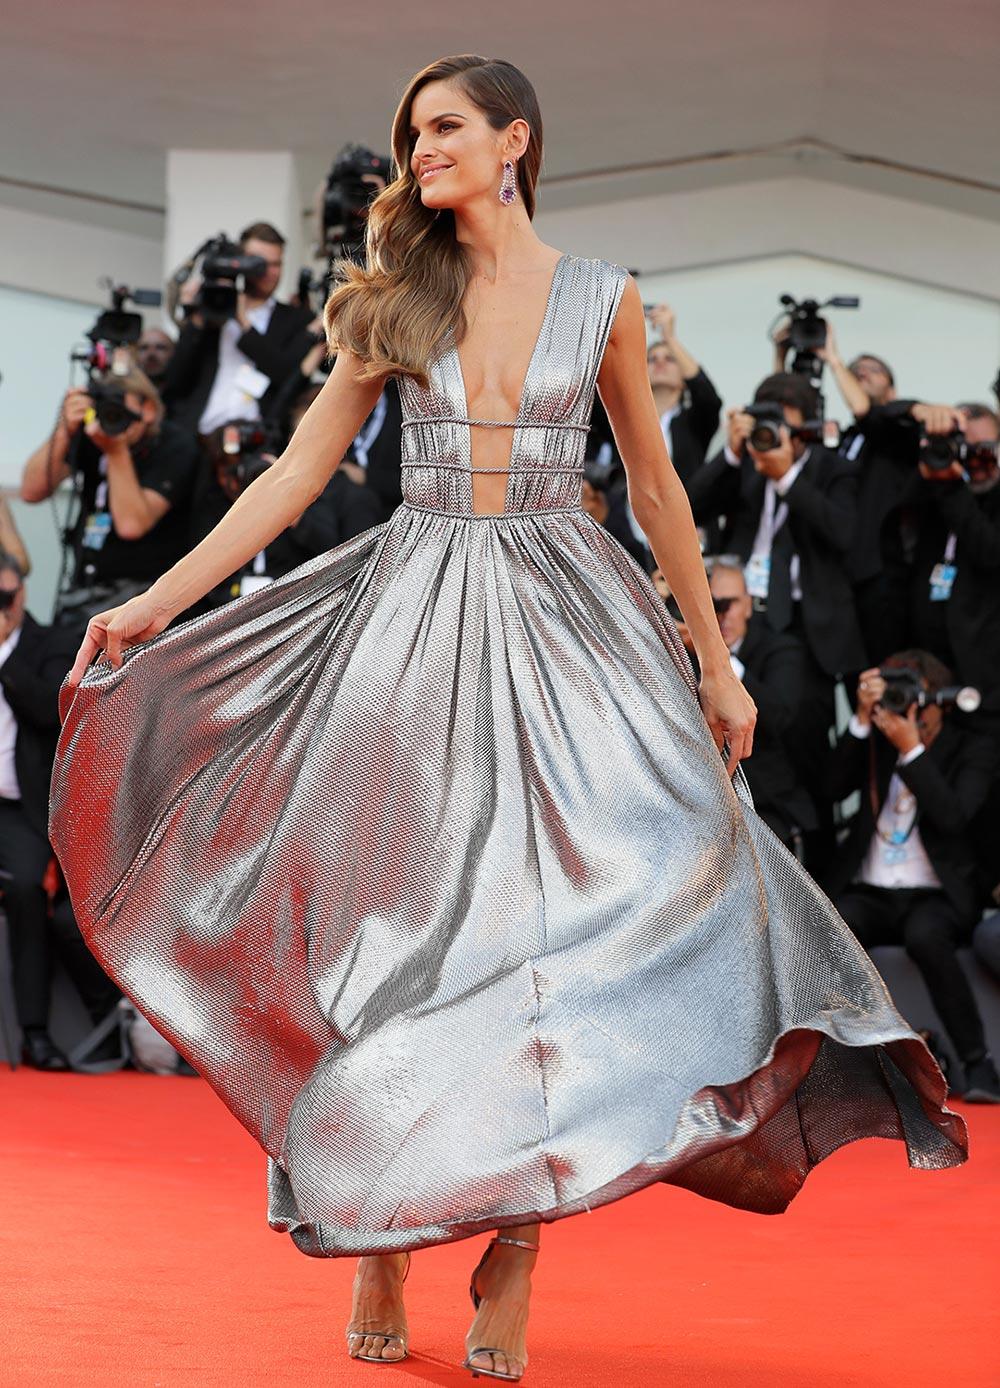 Красная дорожка Венецианского кинофестиваля знаменитости Изабель Гуларт